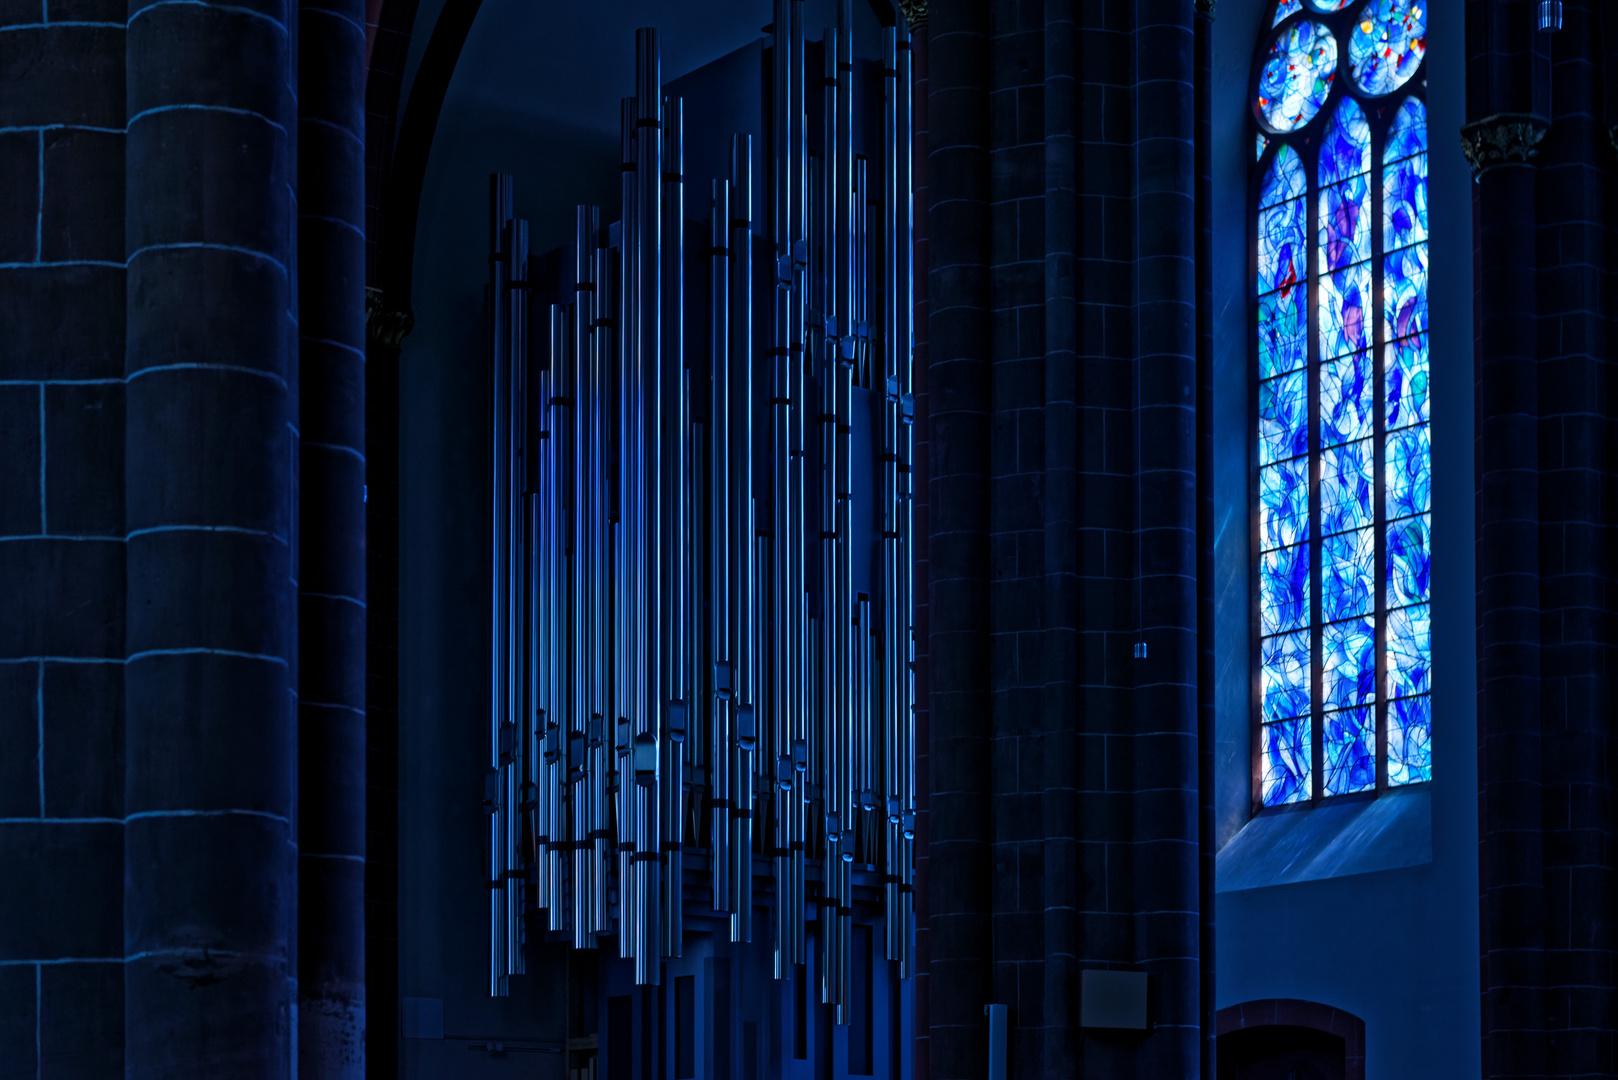 Hängende Orgelpfeifen im Licht der Chagallfenster